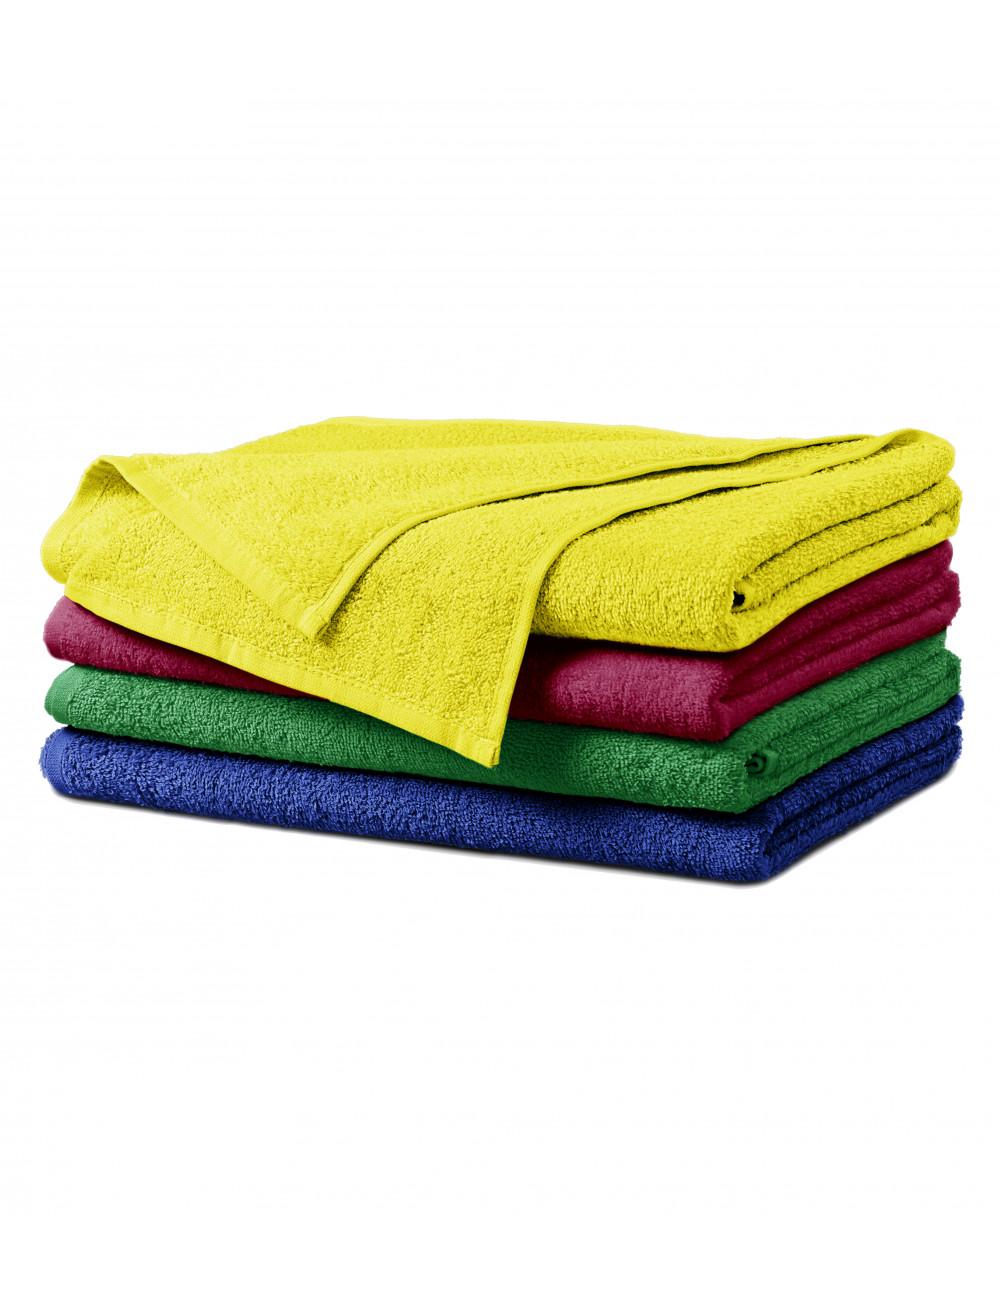 Adler MALFINI Ręcznik duży unisex Terry Bath Towel 909 marlboro czerwony